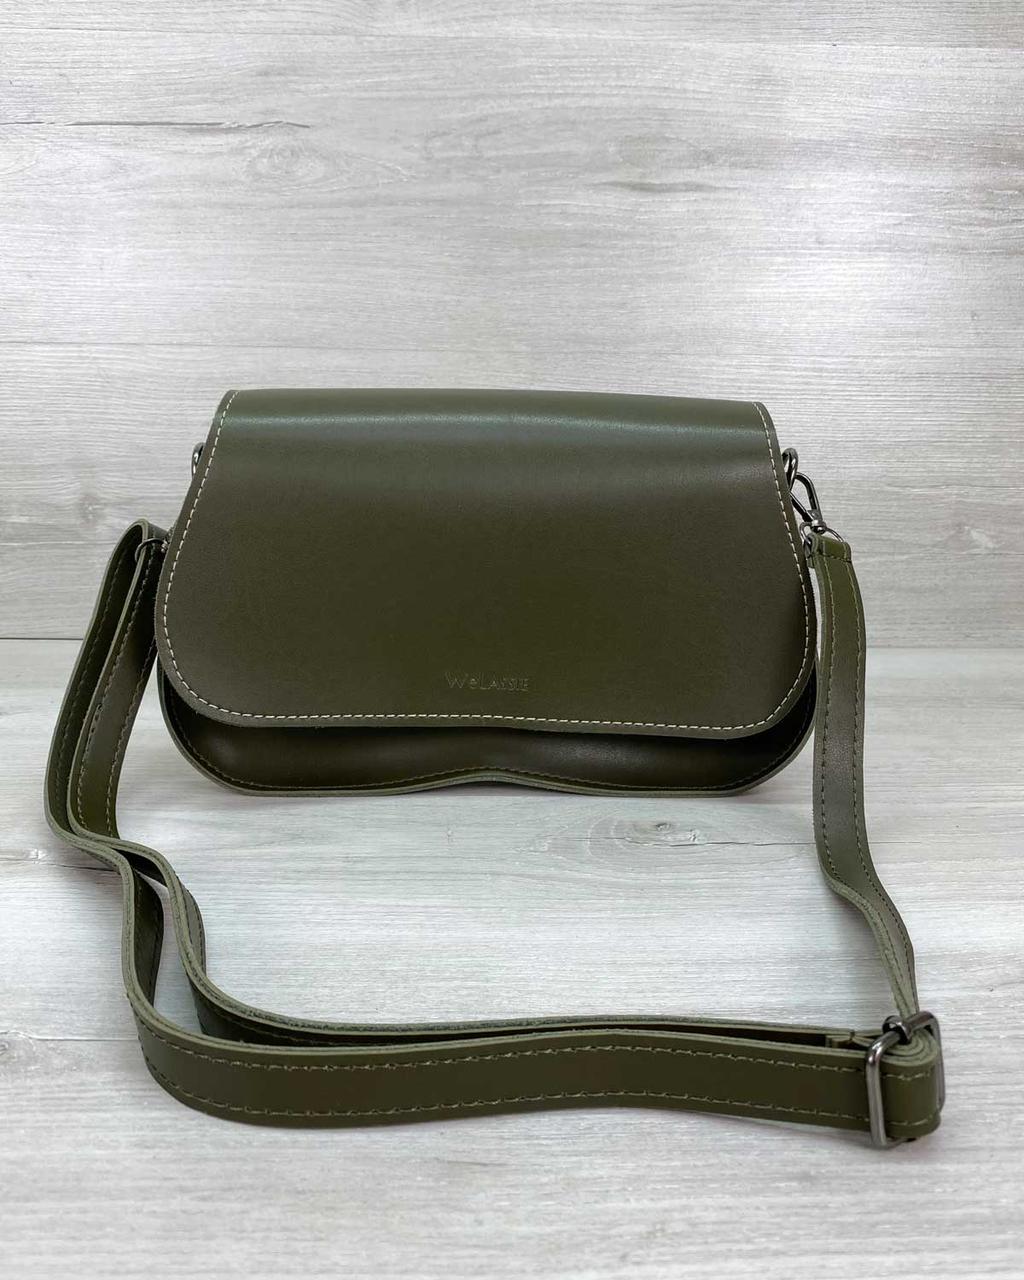 Оливковая маленькая женская сумка через плечо кроссбоди